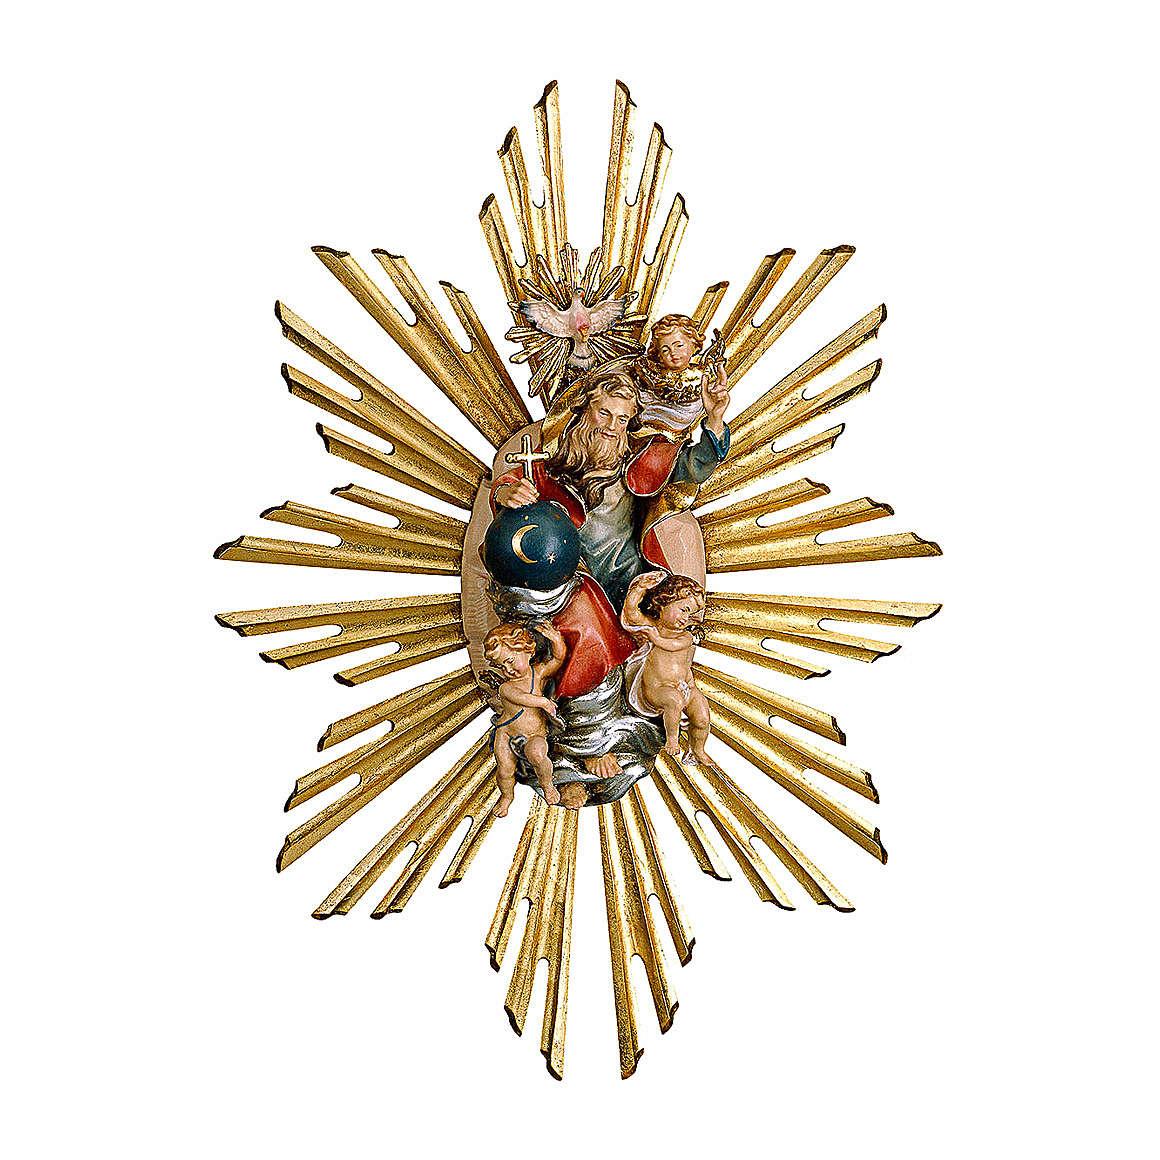 Imagen Dios Padre y Espíritu Santo en gloria con rayos belén Original Pastor madera pintada en Val Gardena 12 cm de altura media 4